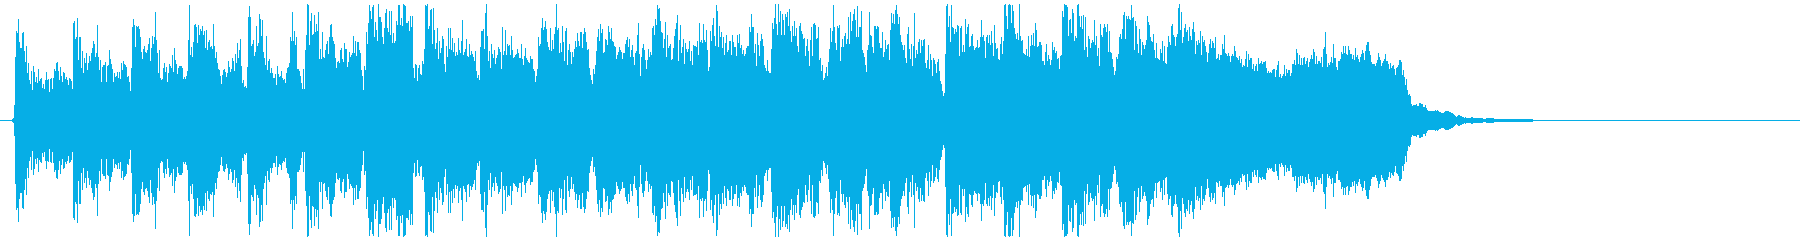 リコーダー&フルートの勝利ファンファーレの再生済みの波形